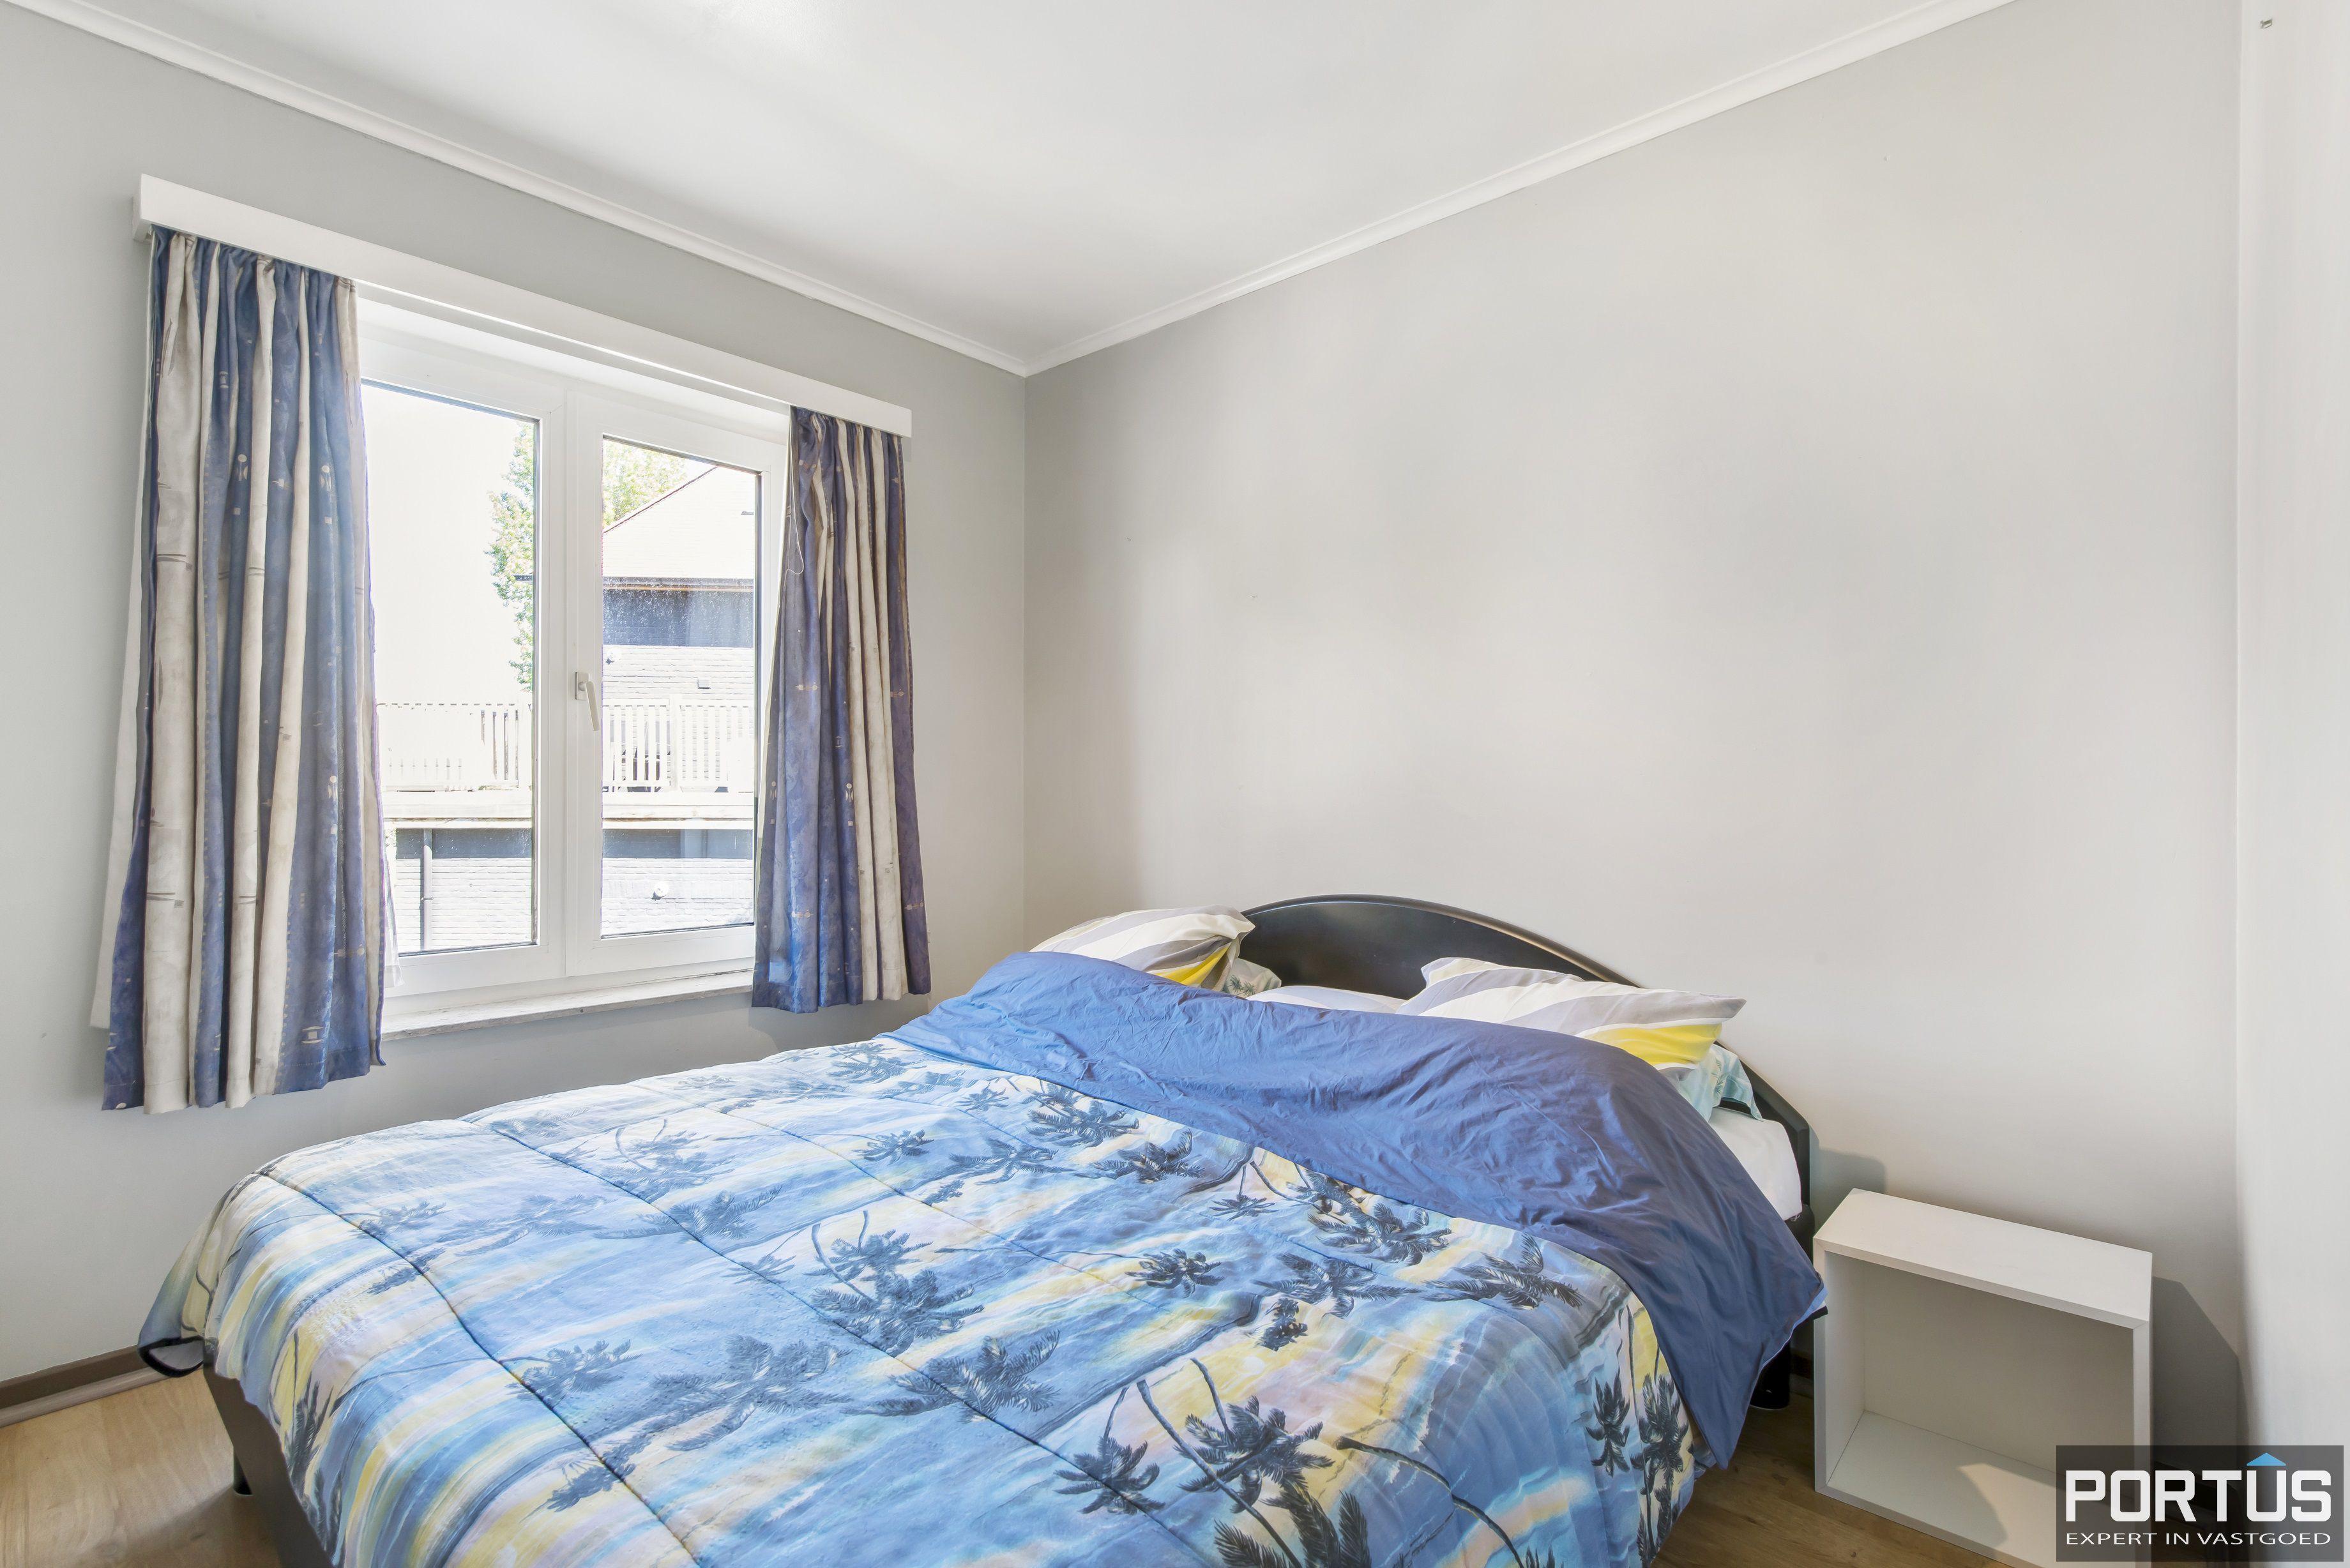 Appartement met 2 slaapkamers te koop te Nieuwpoort - 11139